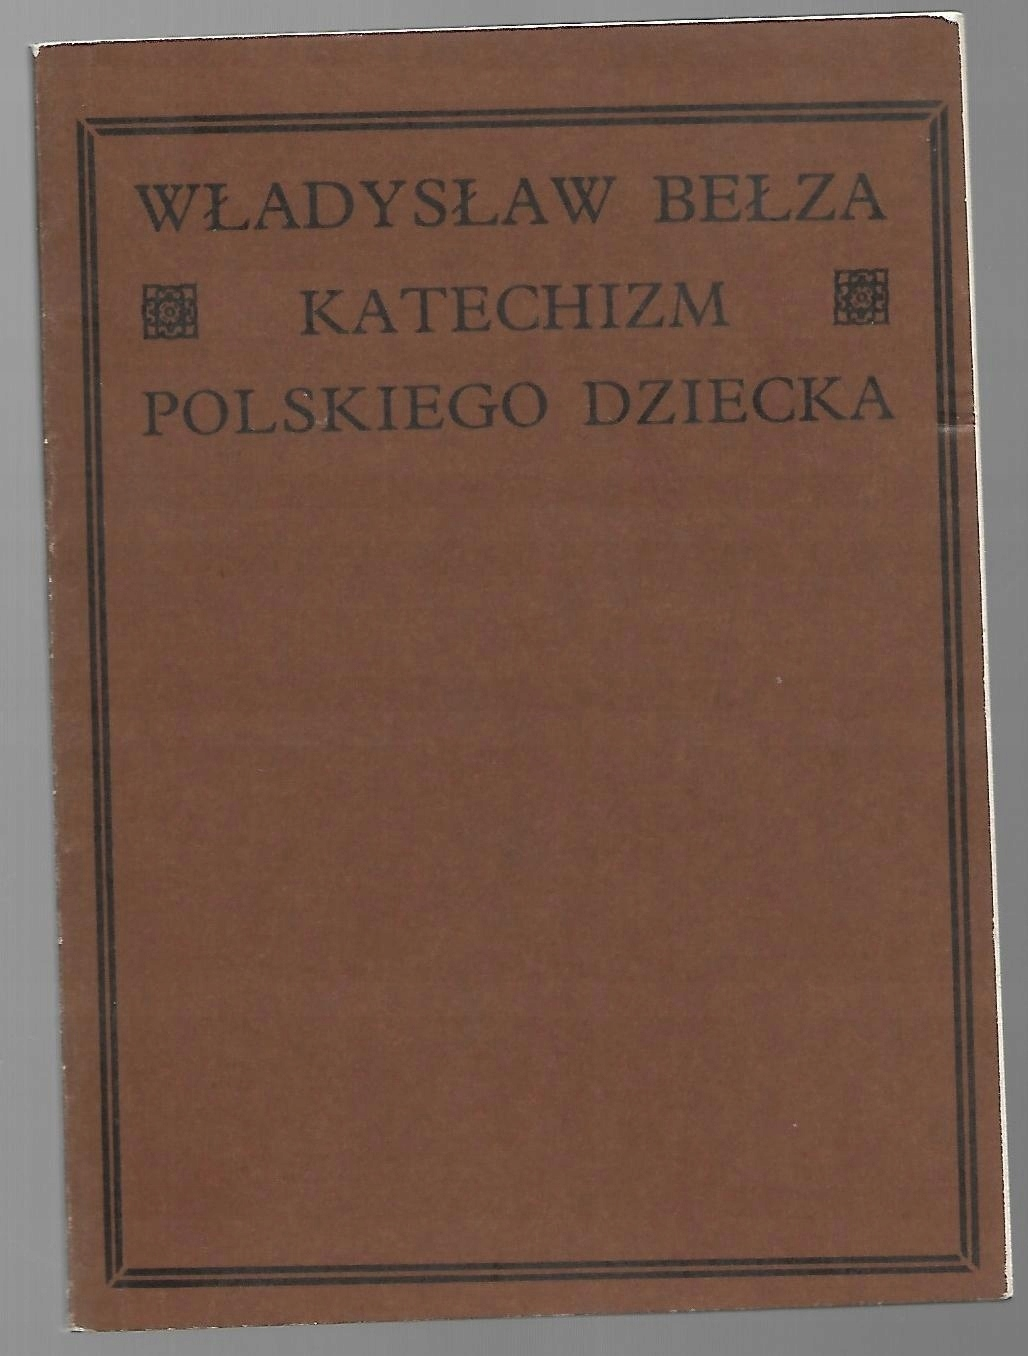 Katechizm Polskiego Dziecka Władysław Bełza 7489413884